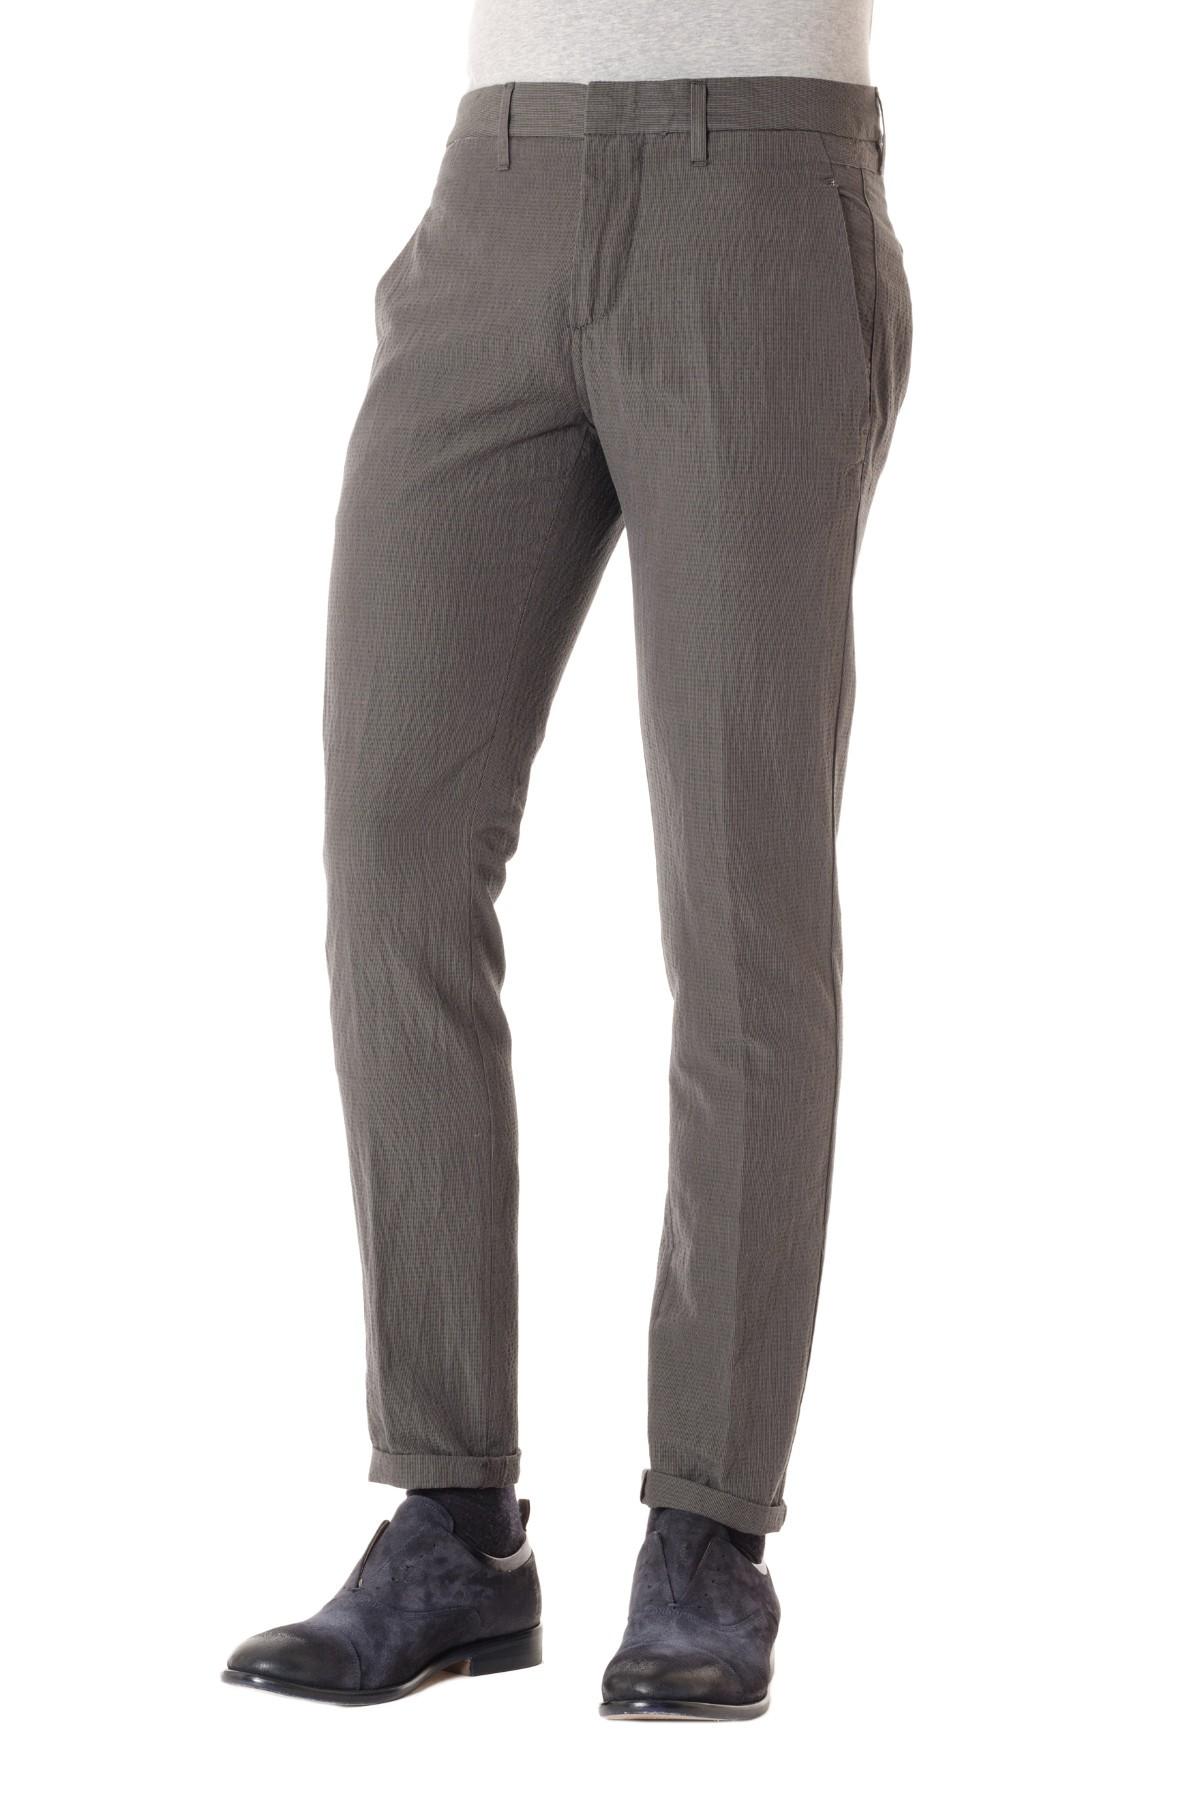 b348d8a81f Pantalone per uomo in lino e cotone DONDUP P/E